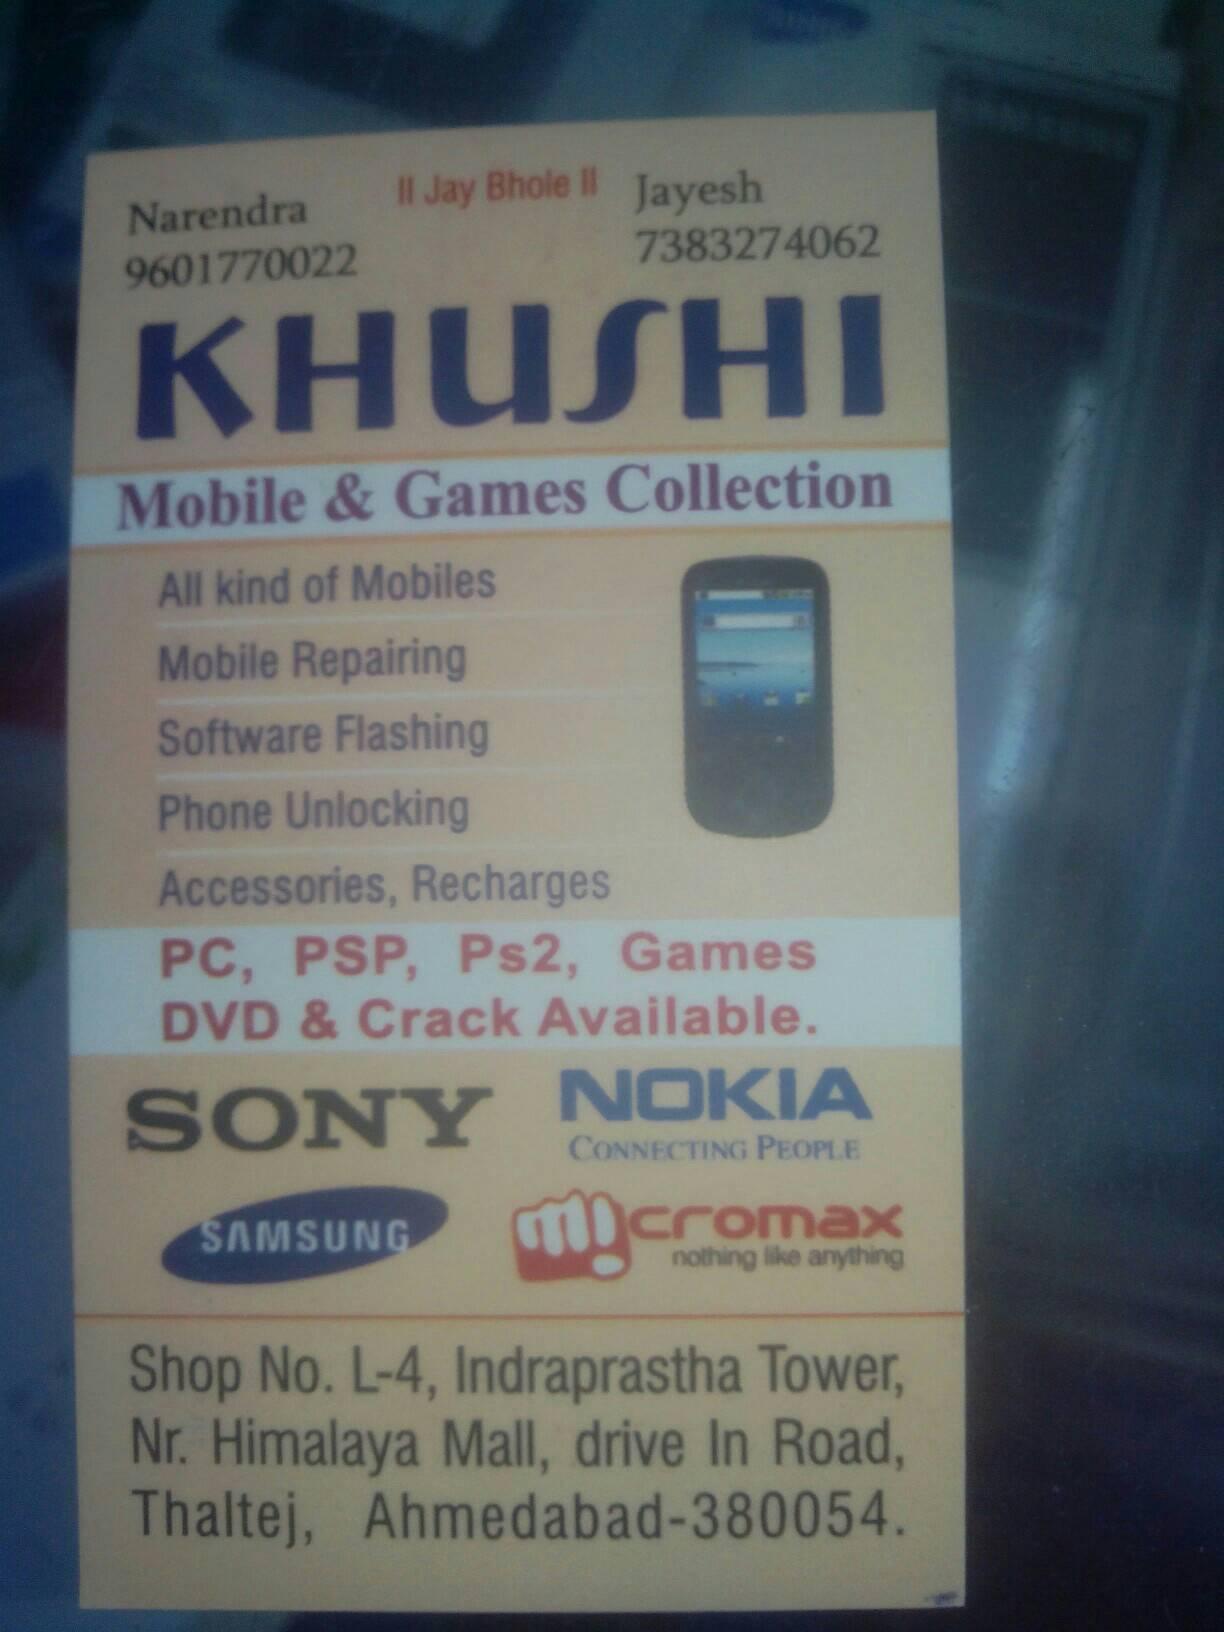 Khushi Mobile